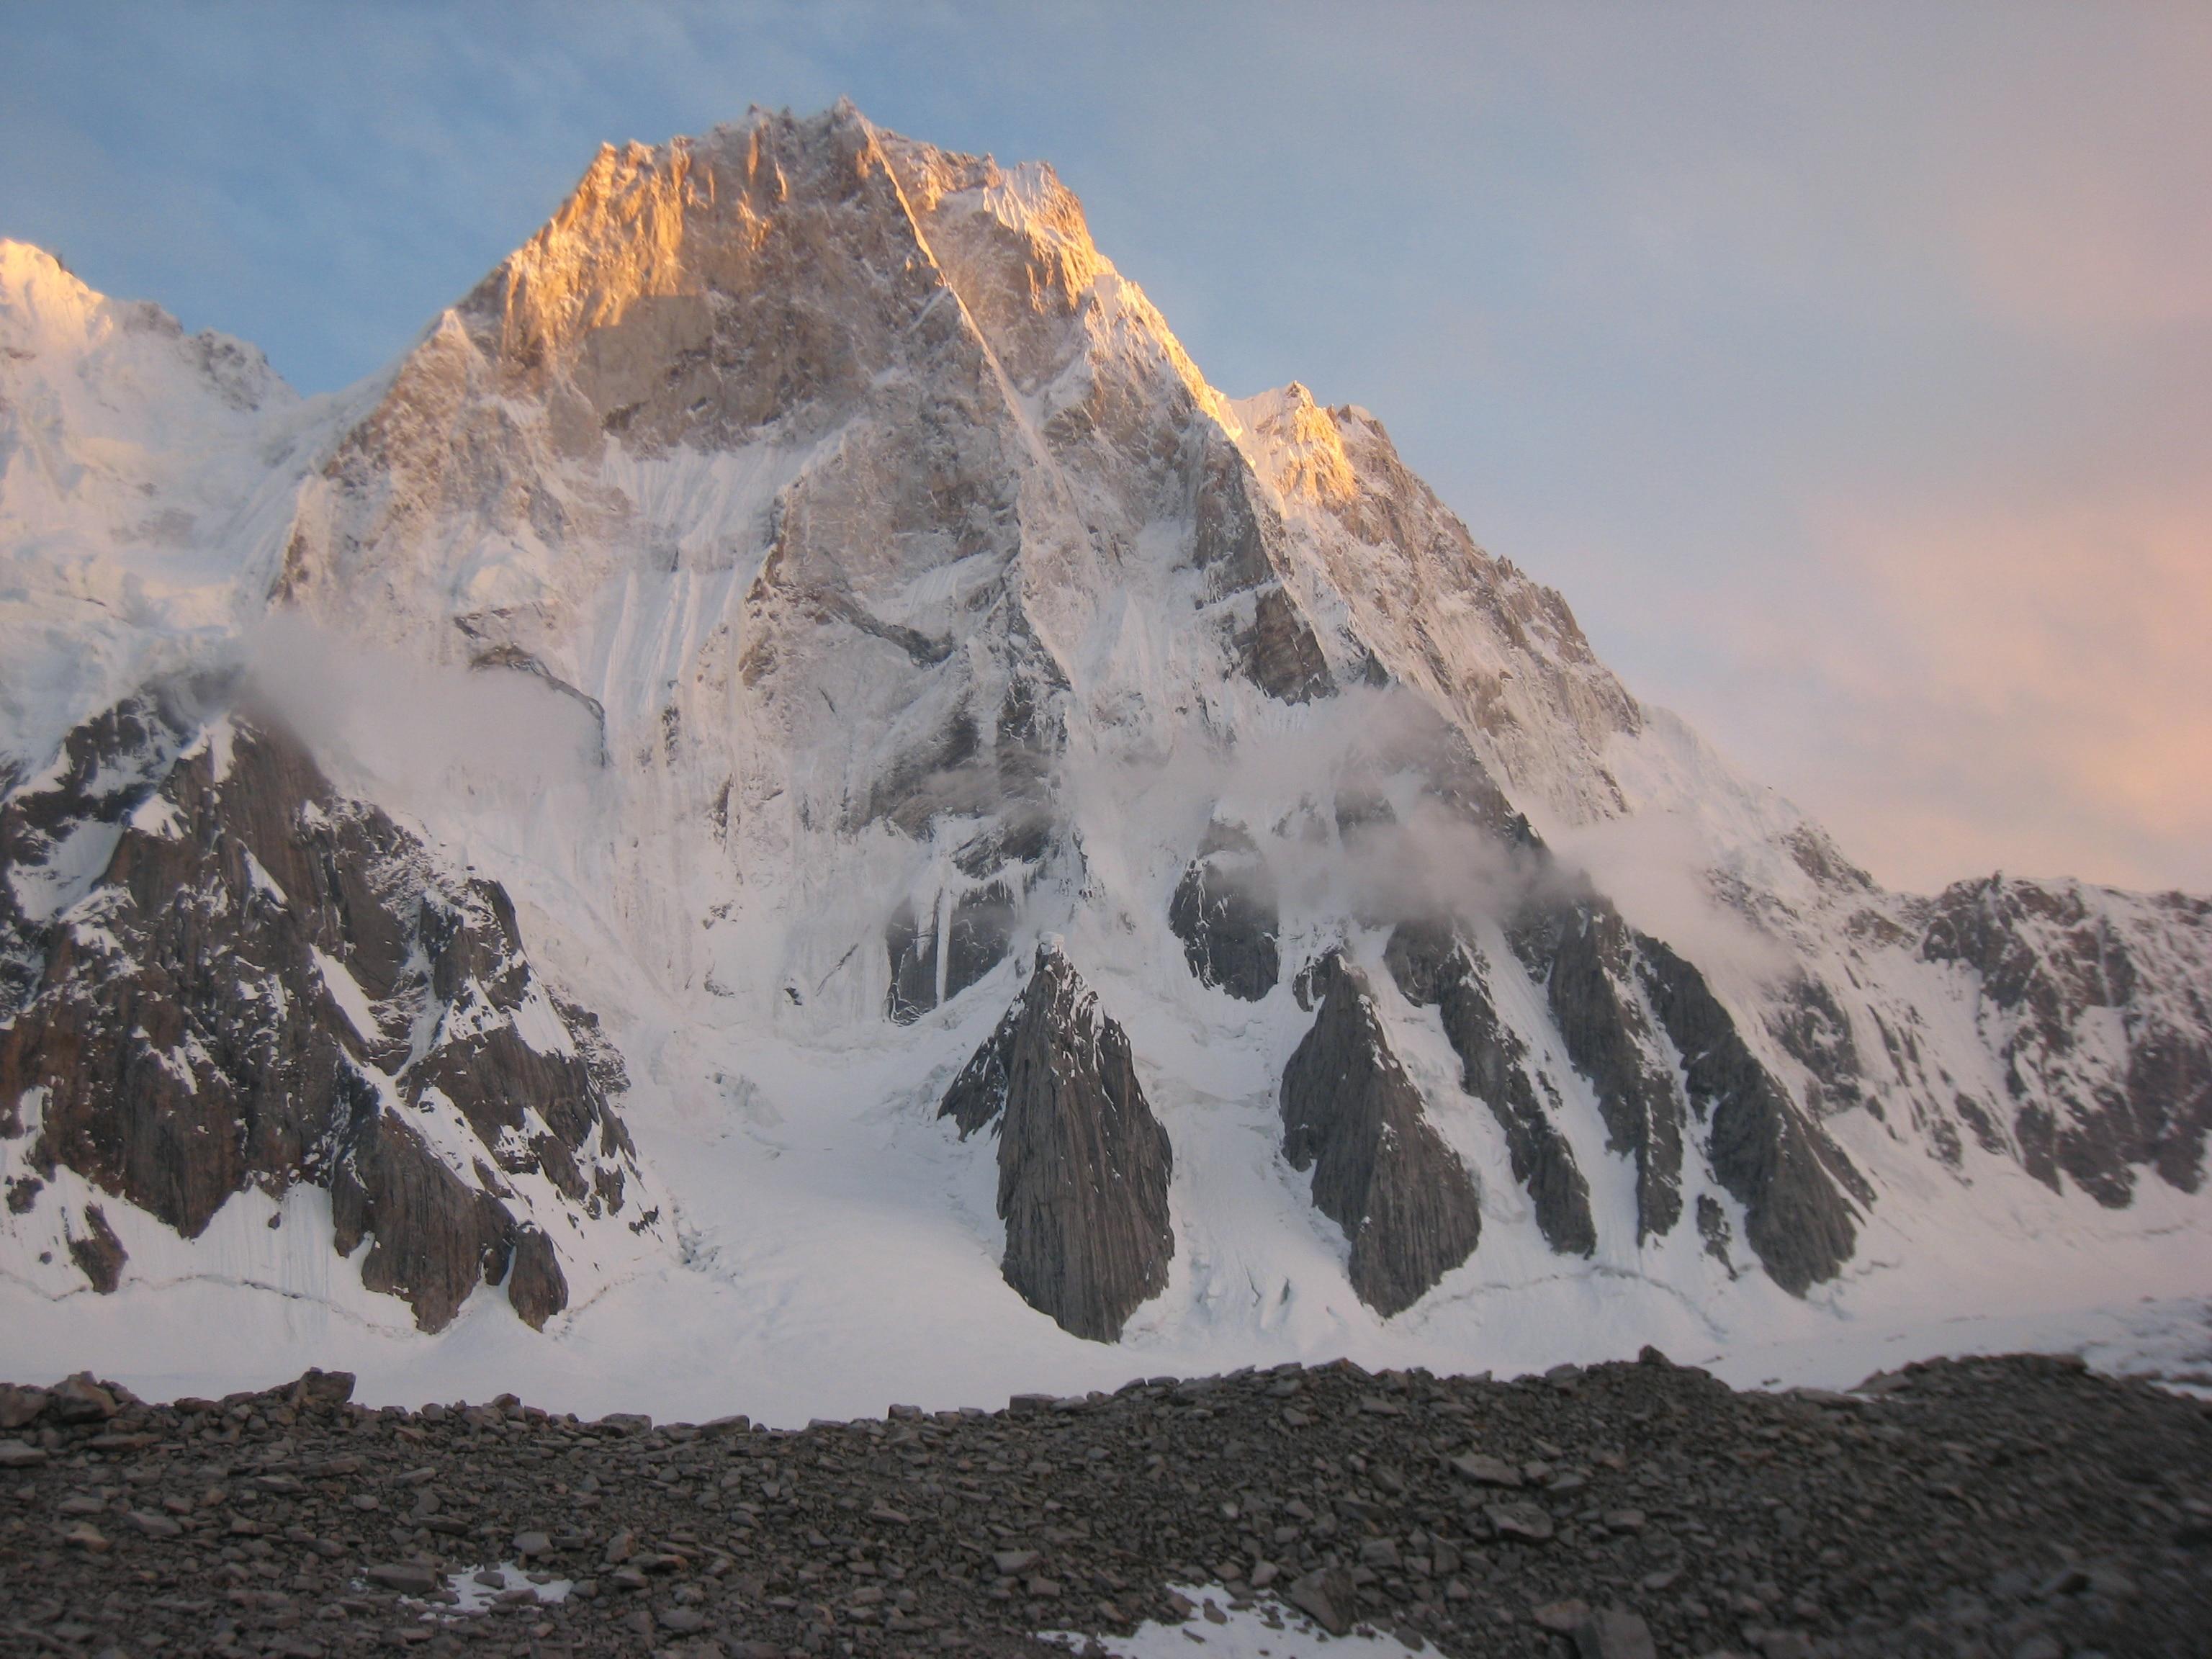 Ermanno Salvaterra, Latok I, Karakorum, Pakistan